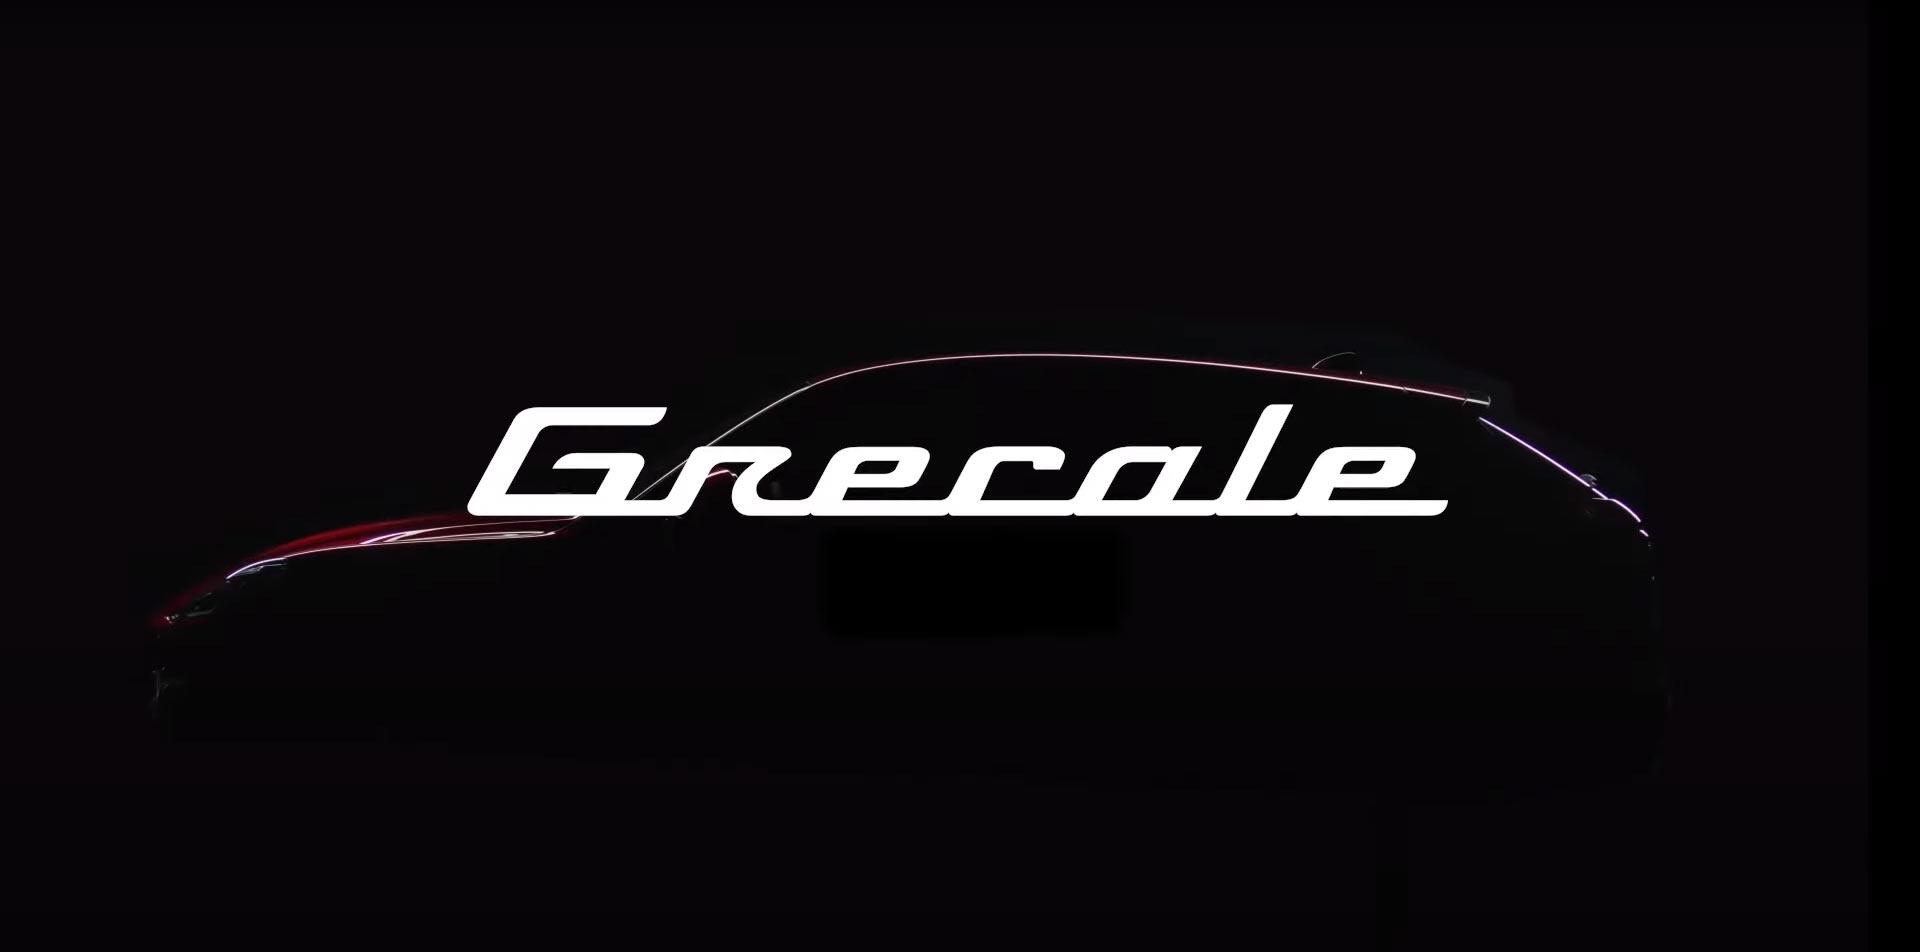 Grecale Teaser